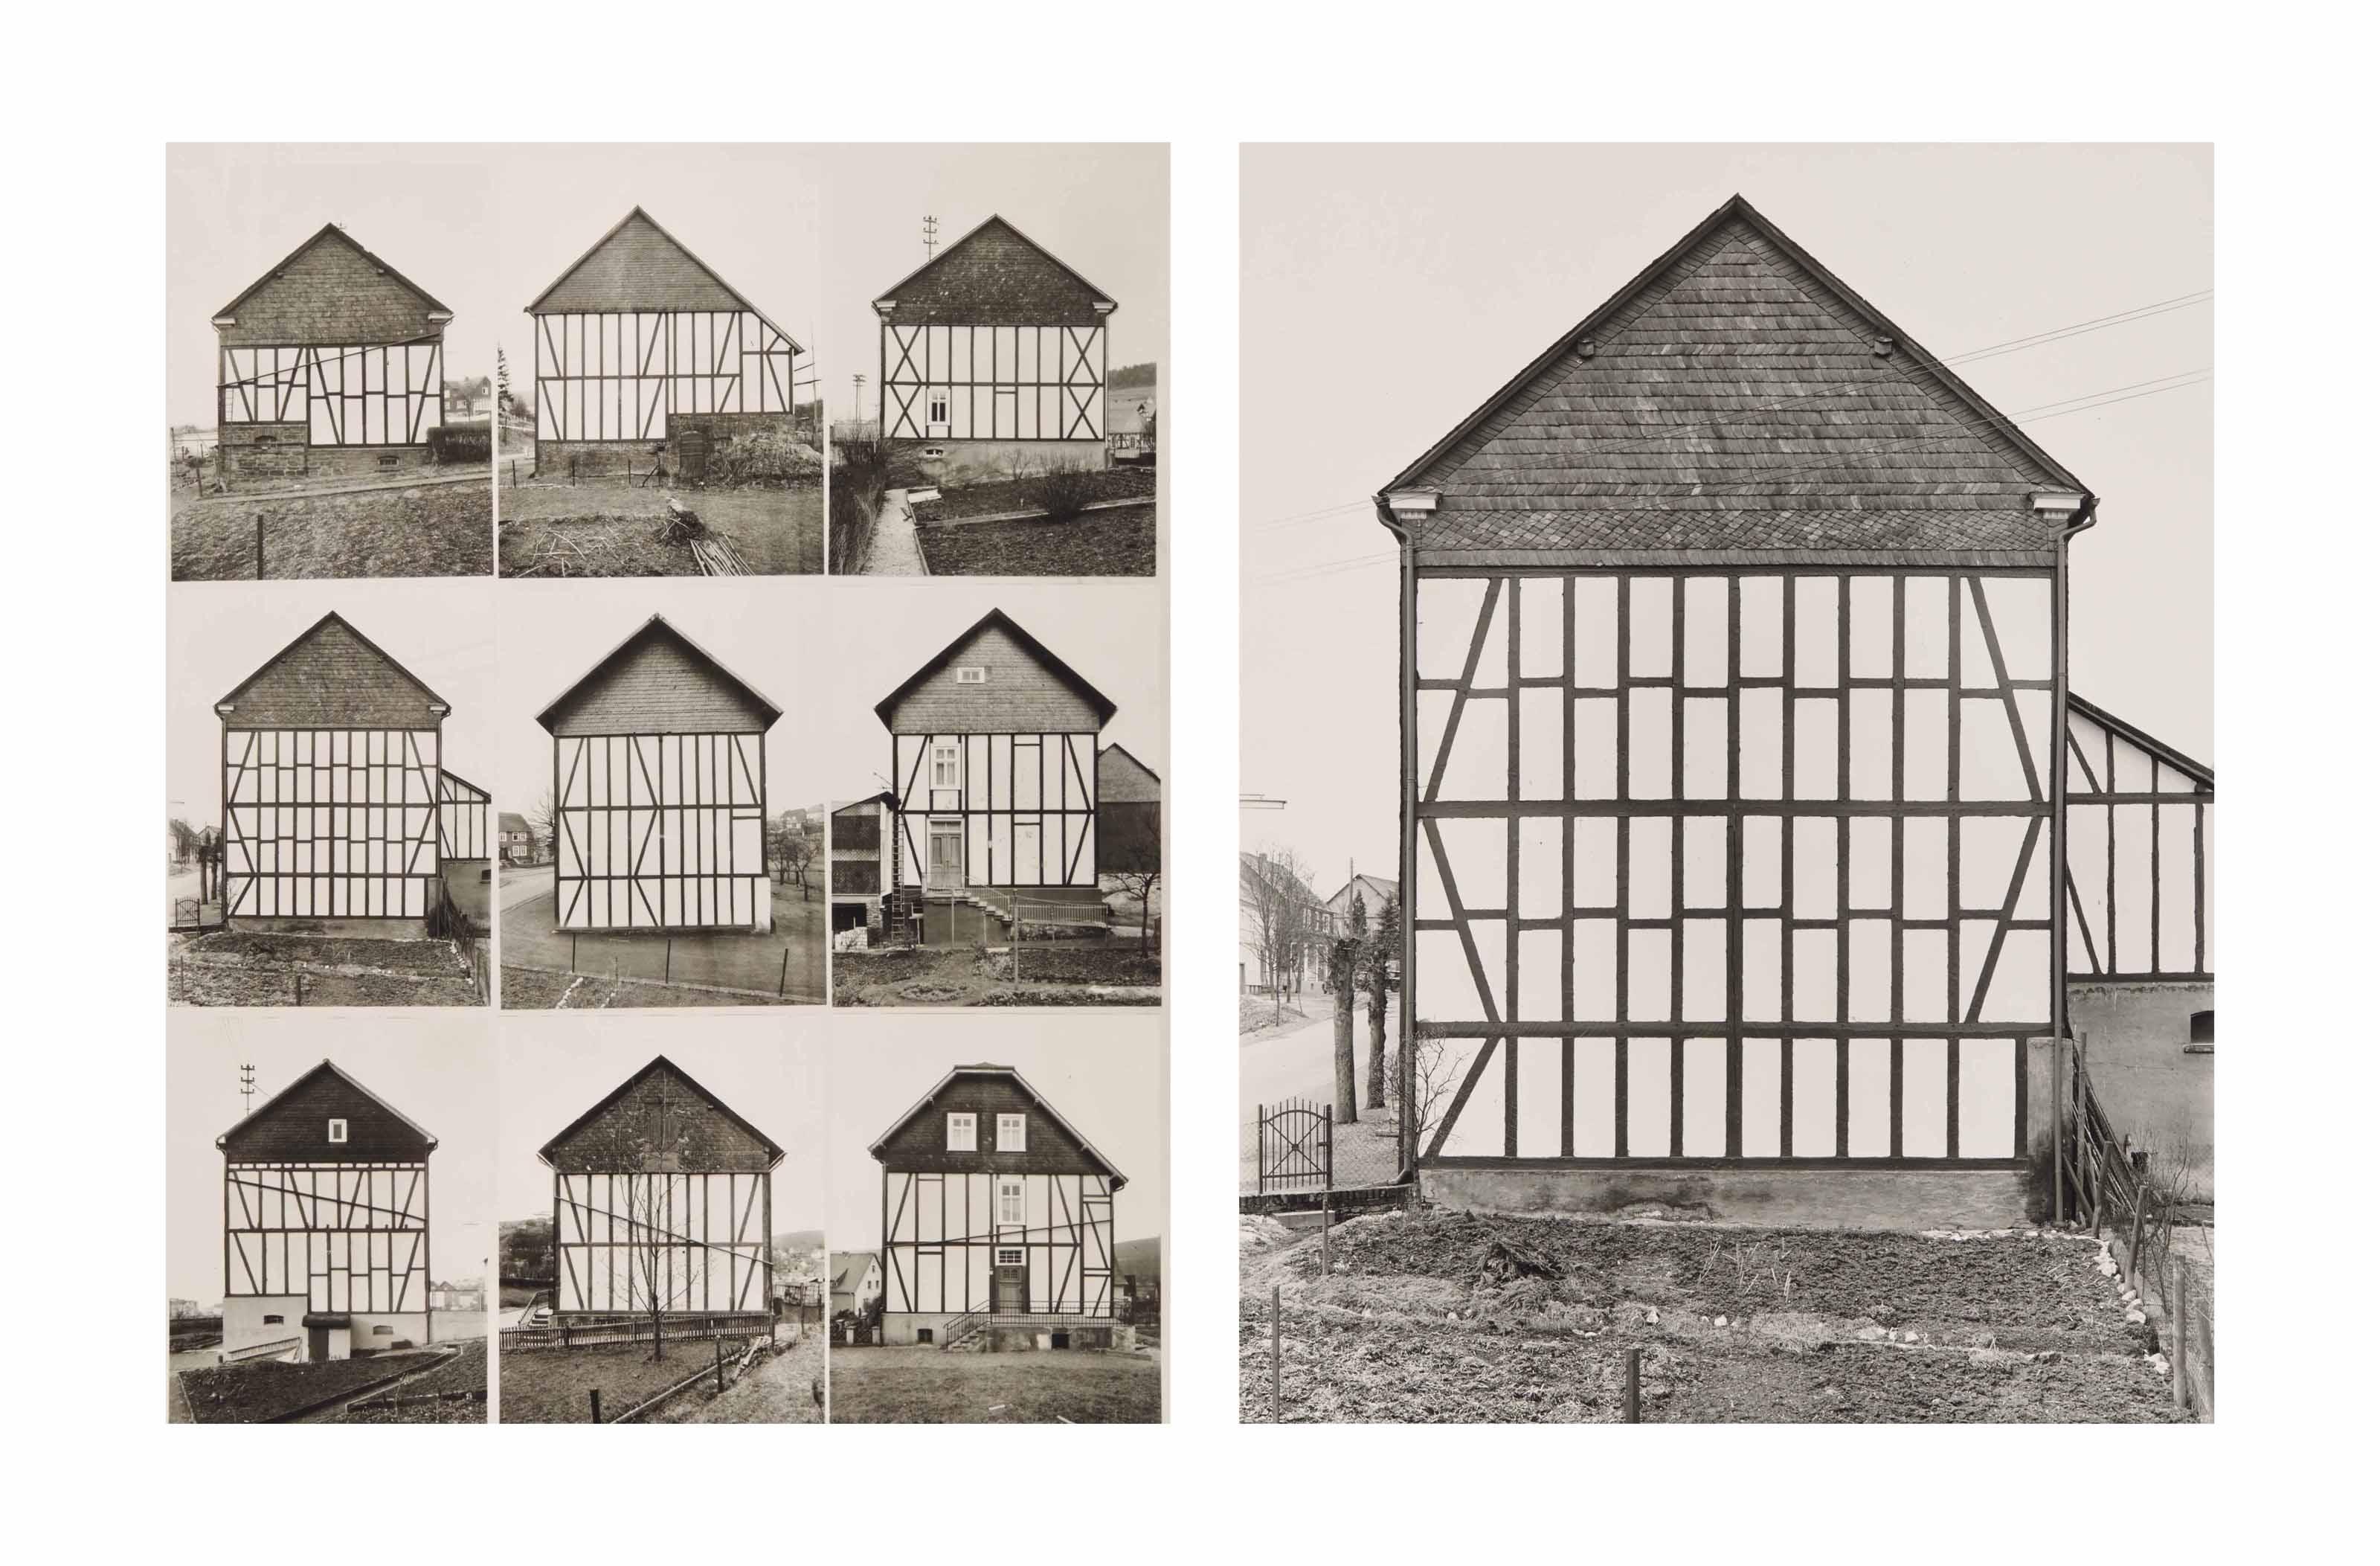 Framework Houses, 1976